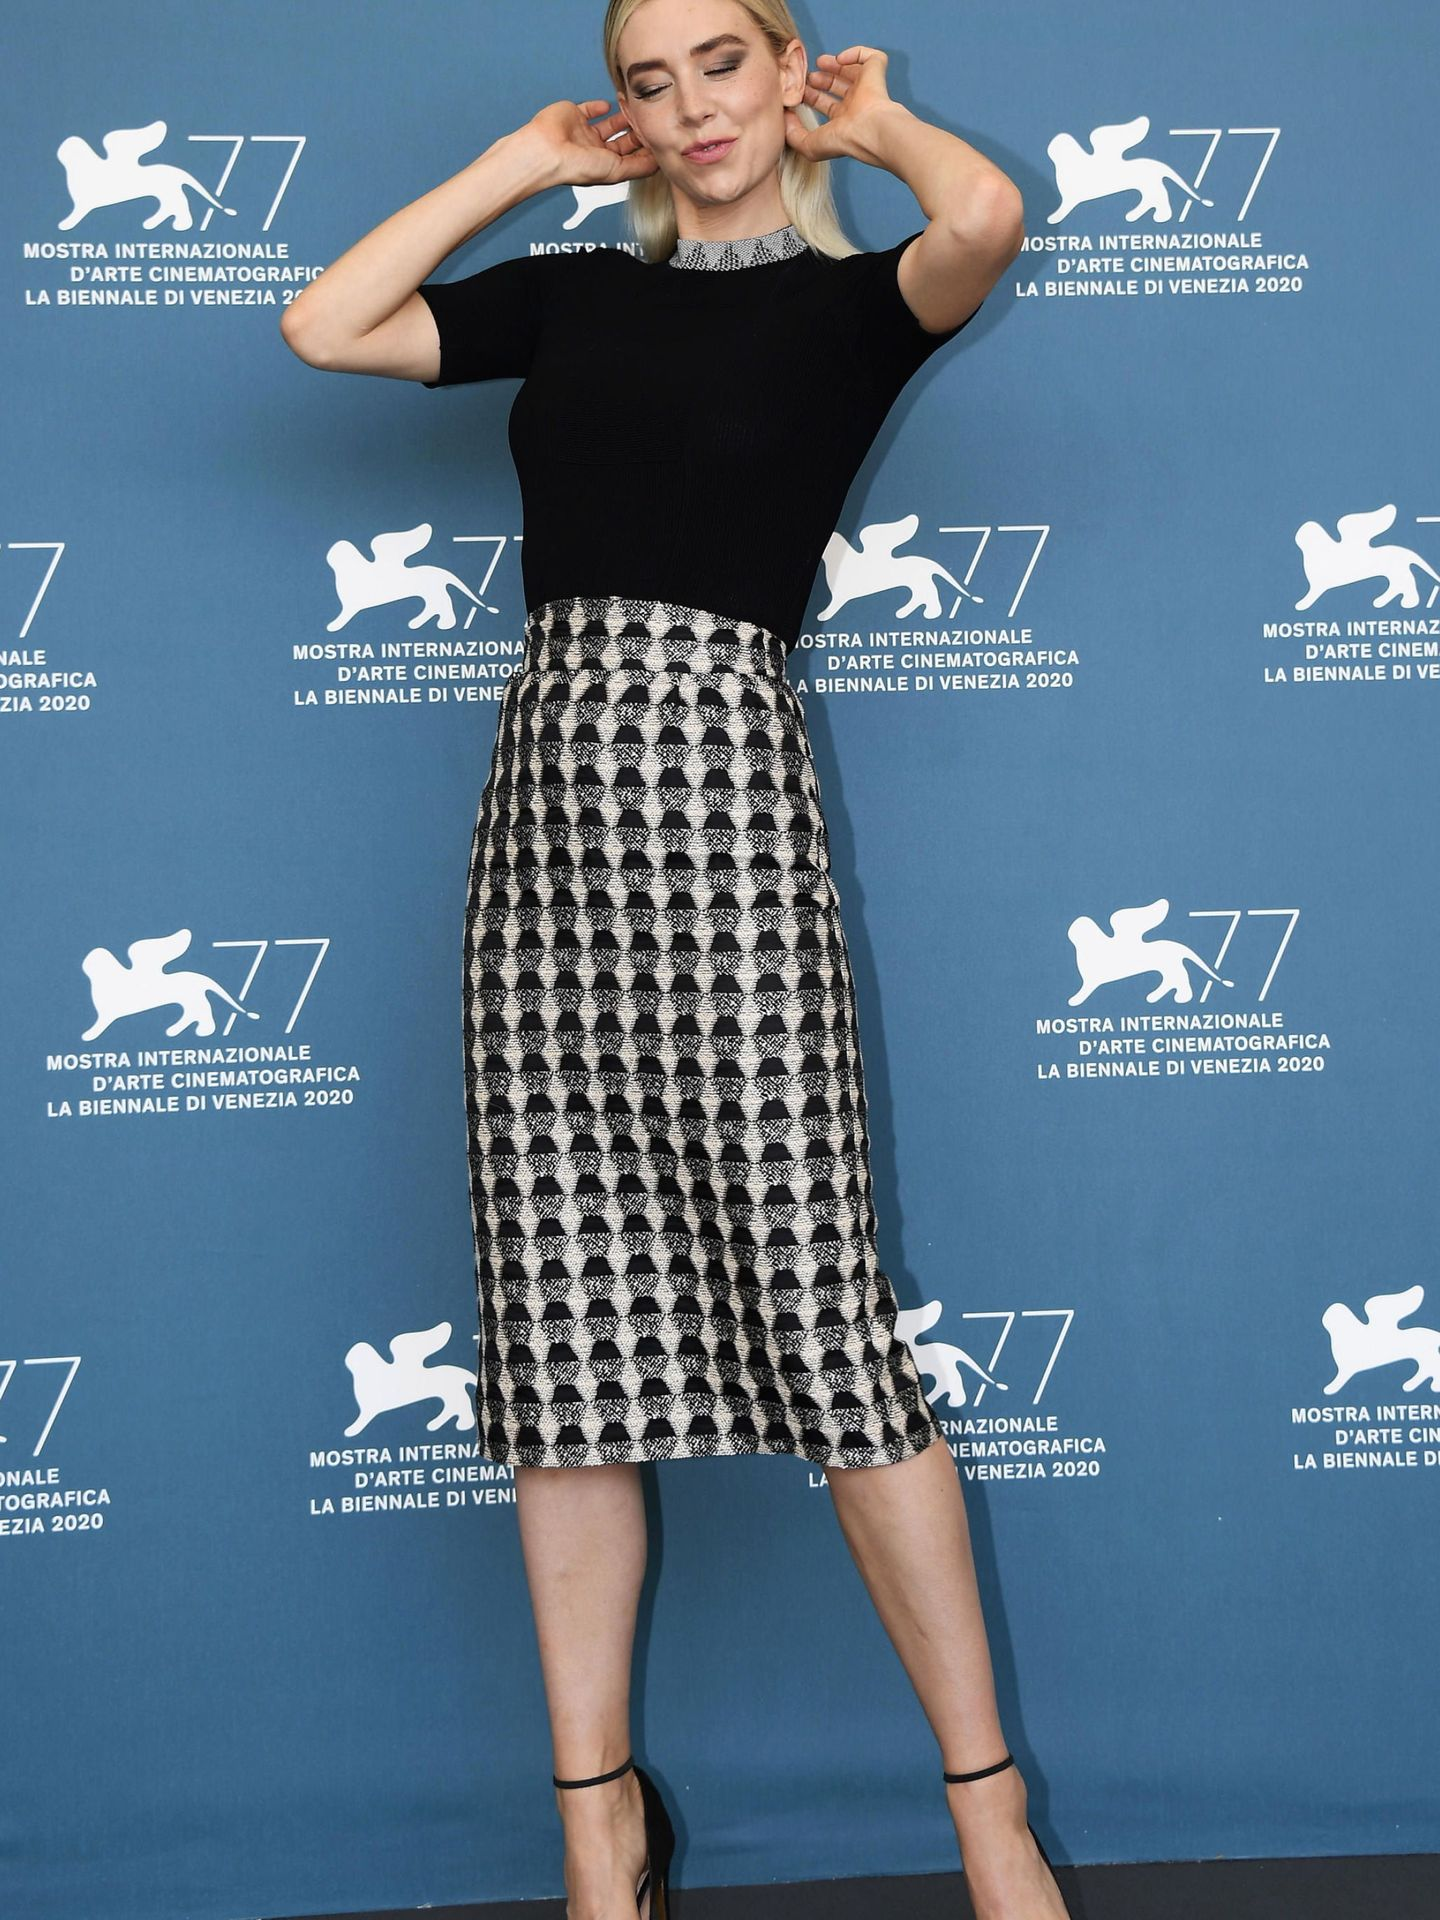 La actriz Vanessa, en el photocall de 'The World to Come' con cuerpo negro de punto y manga corta combinado con una falda de tubo. (EFE)